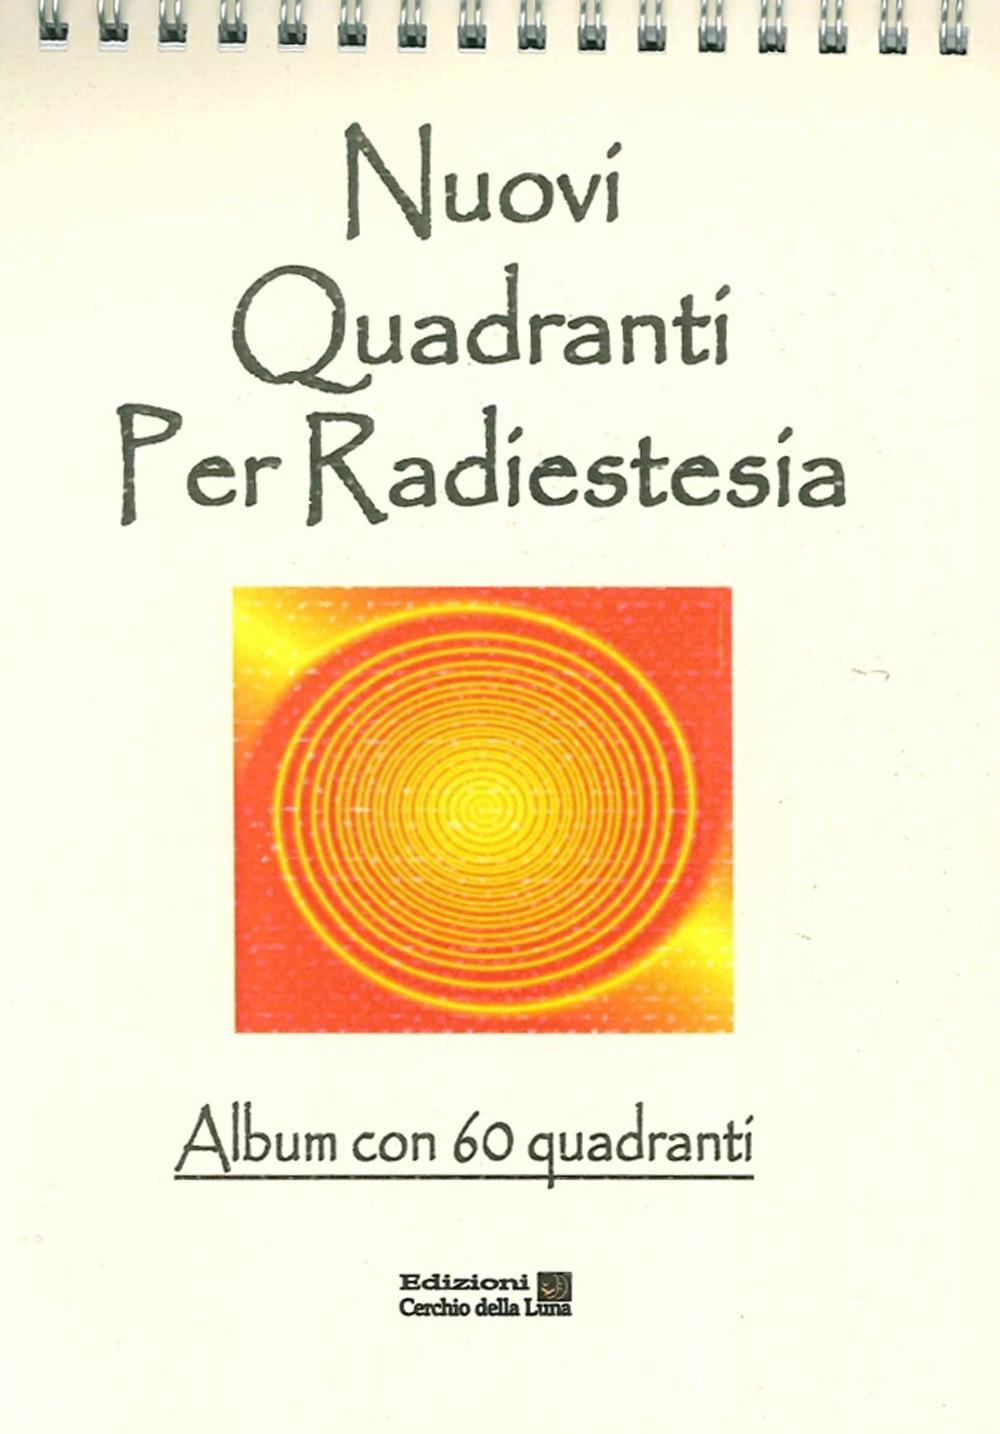 Nuovi Quadranti per Radiestesia. Album con 60 Quadranti.